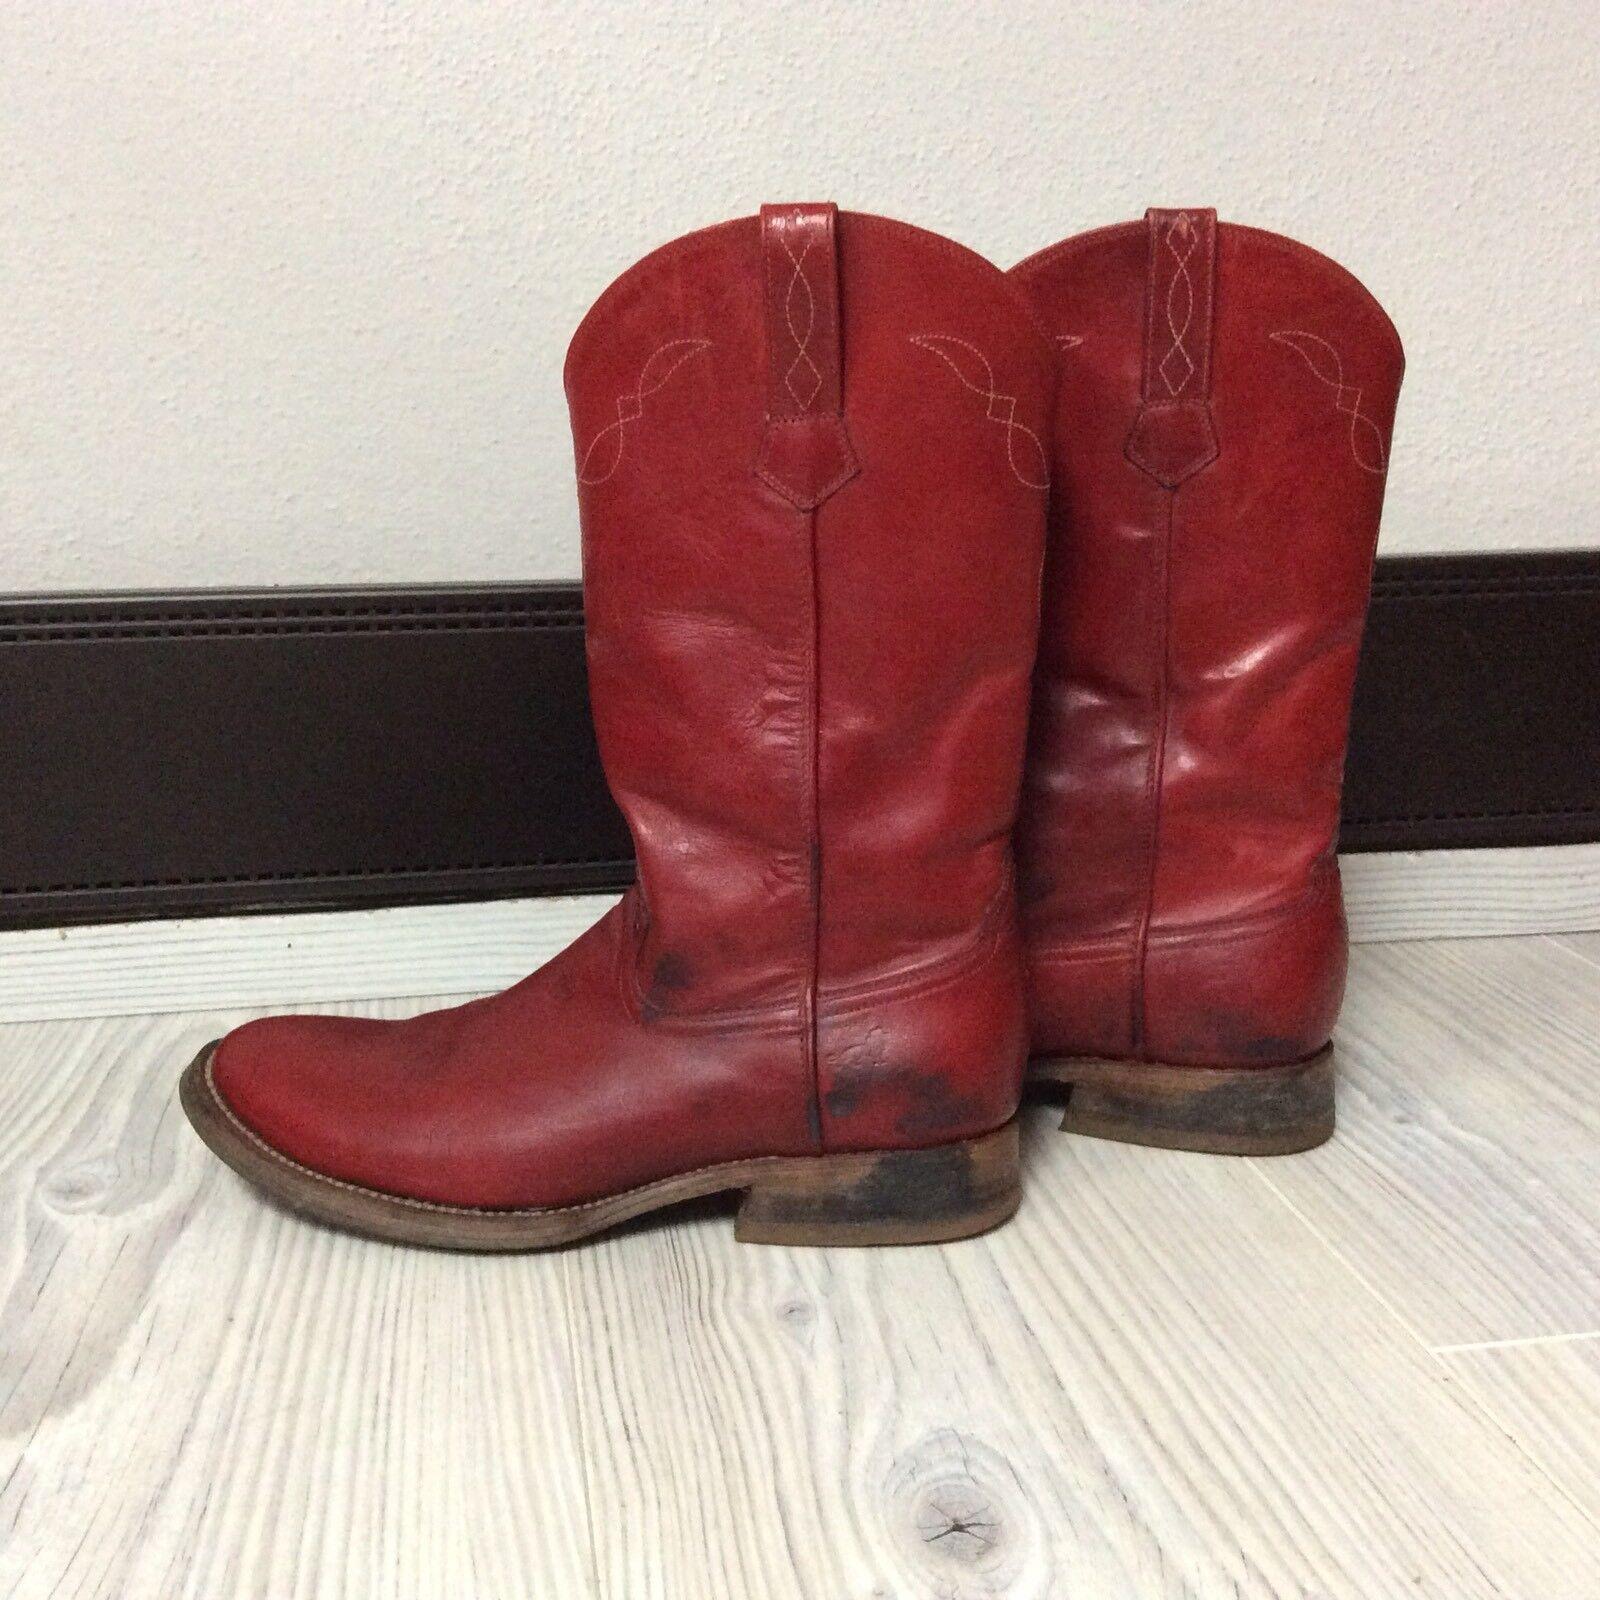 Tony Muzi Stiefel Rot 39,5 Gebraucht